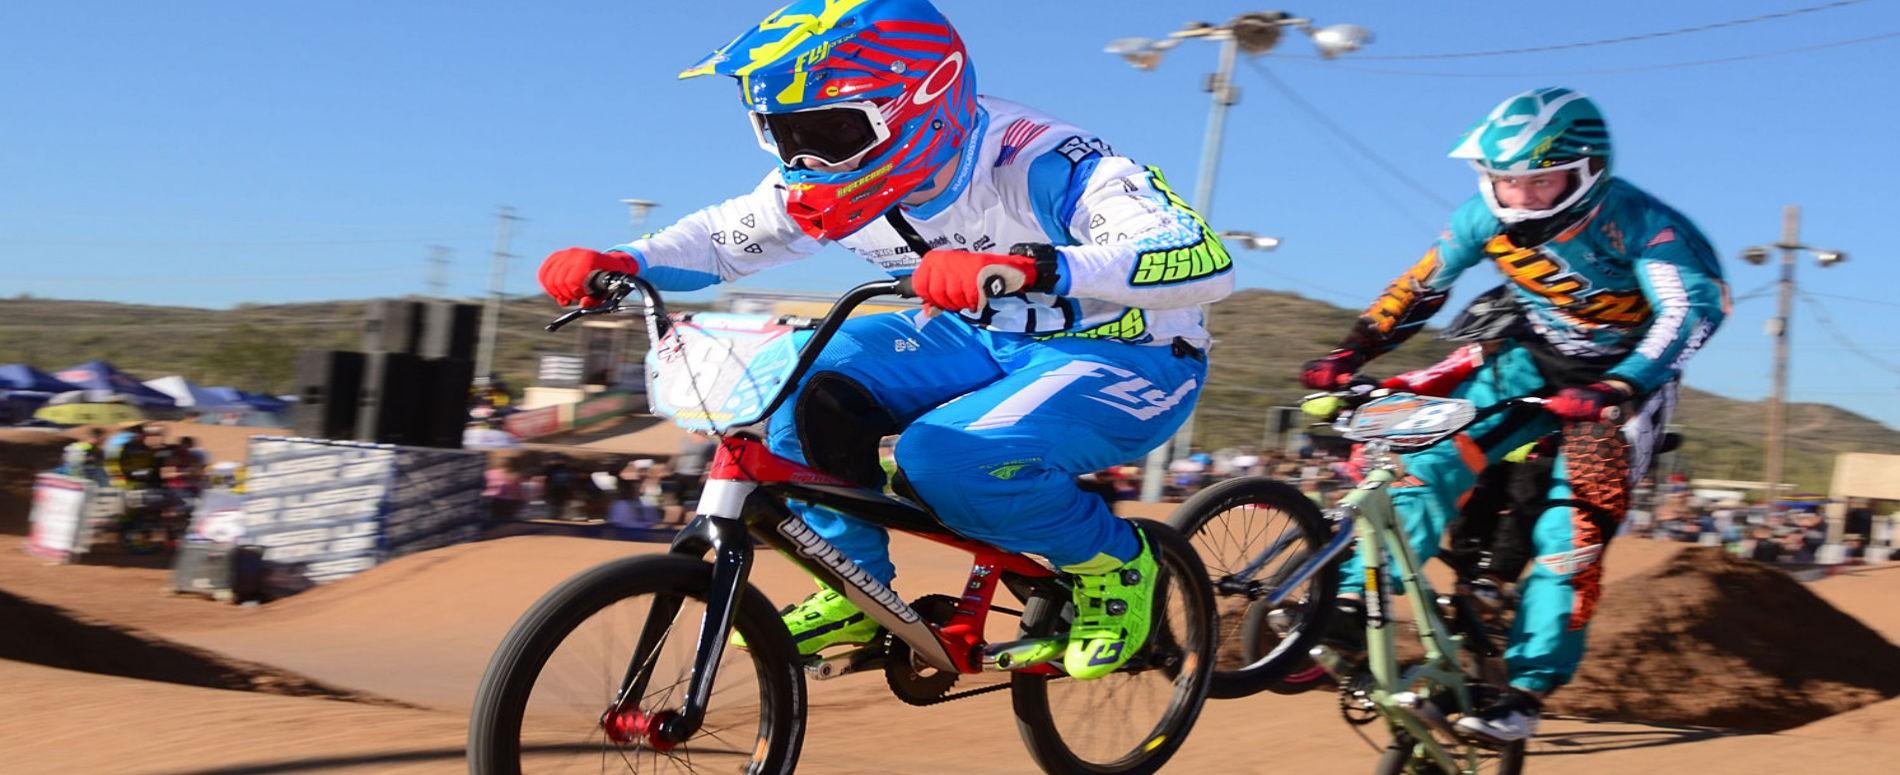 rider bmx race